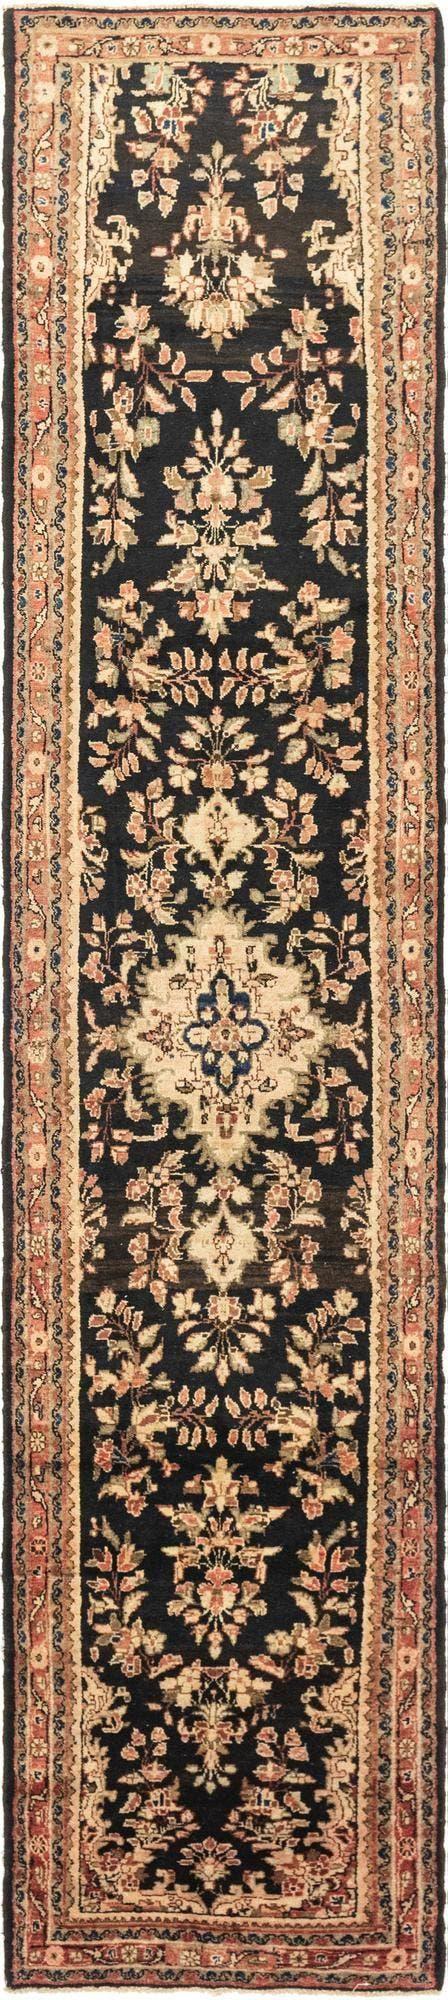 3' 3 x 16' Liliyan Persian Runner Rug main image